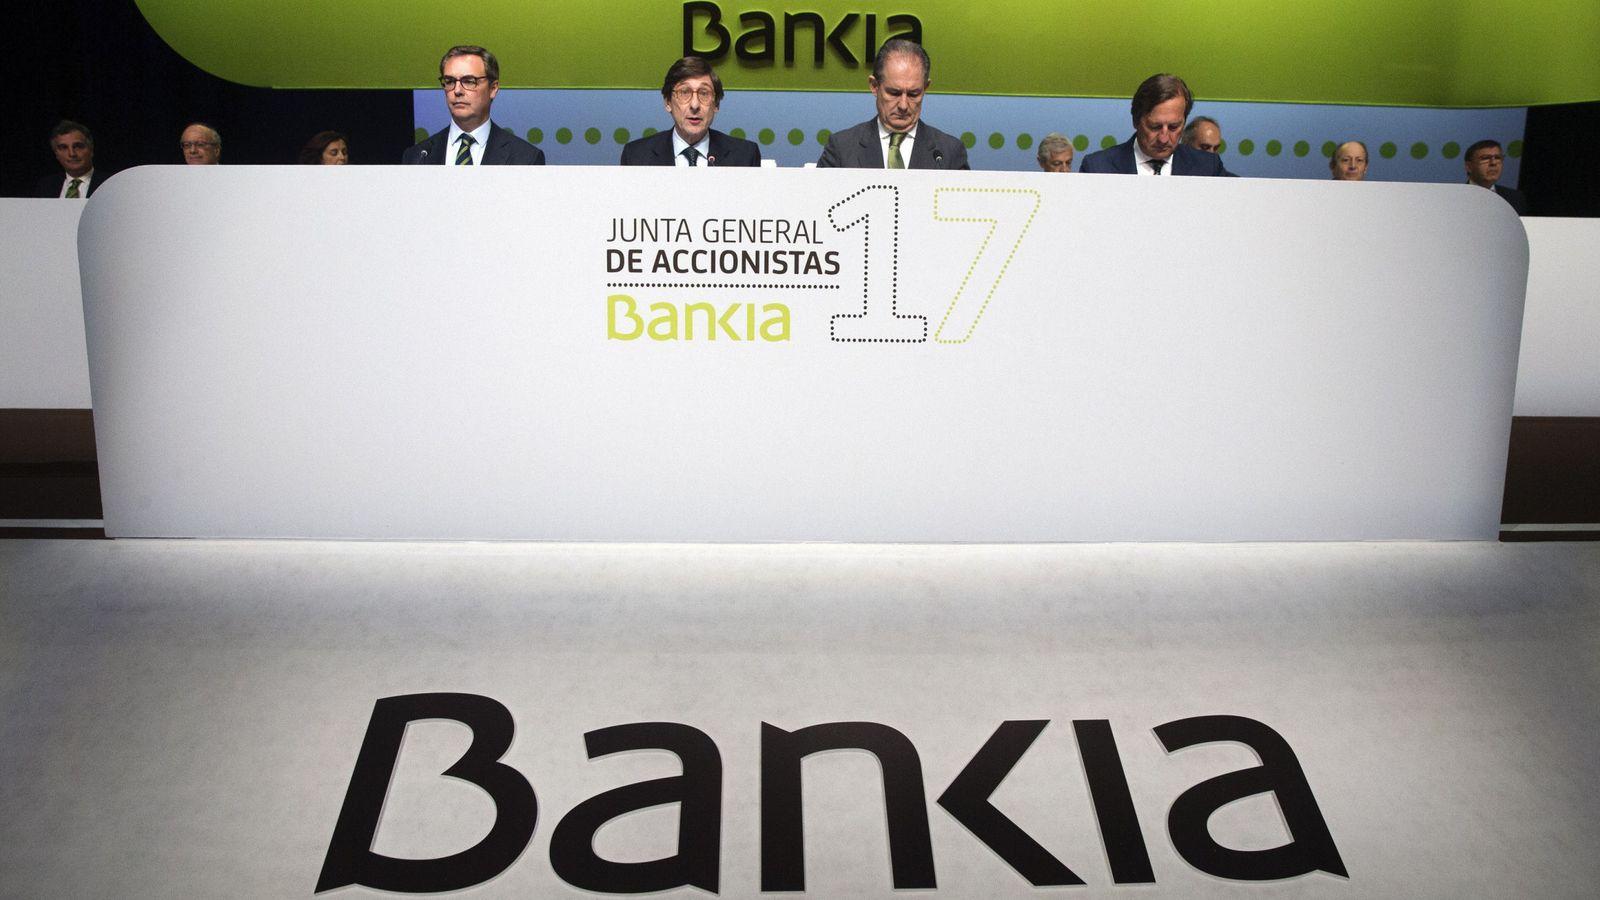 Foto: El presidente de Bankia, Jose Ignacio Goirigolzarri (2i), durante la junta de accionistas de la entidad. (EFE)